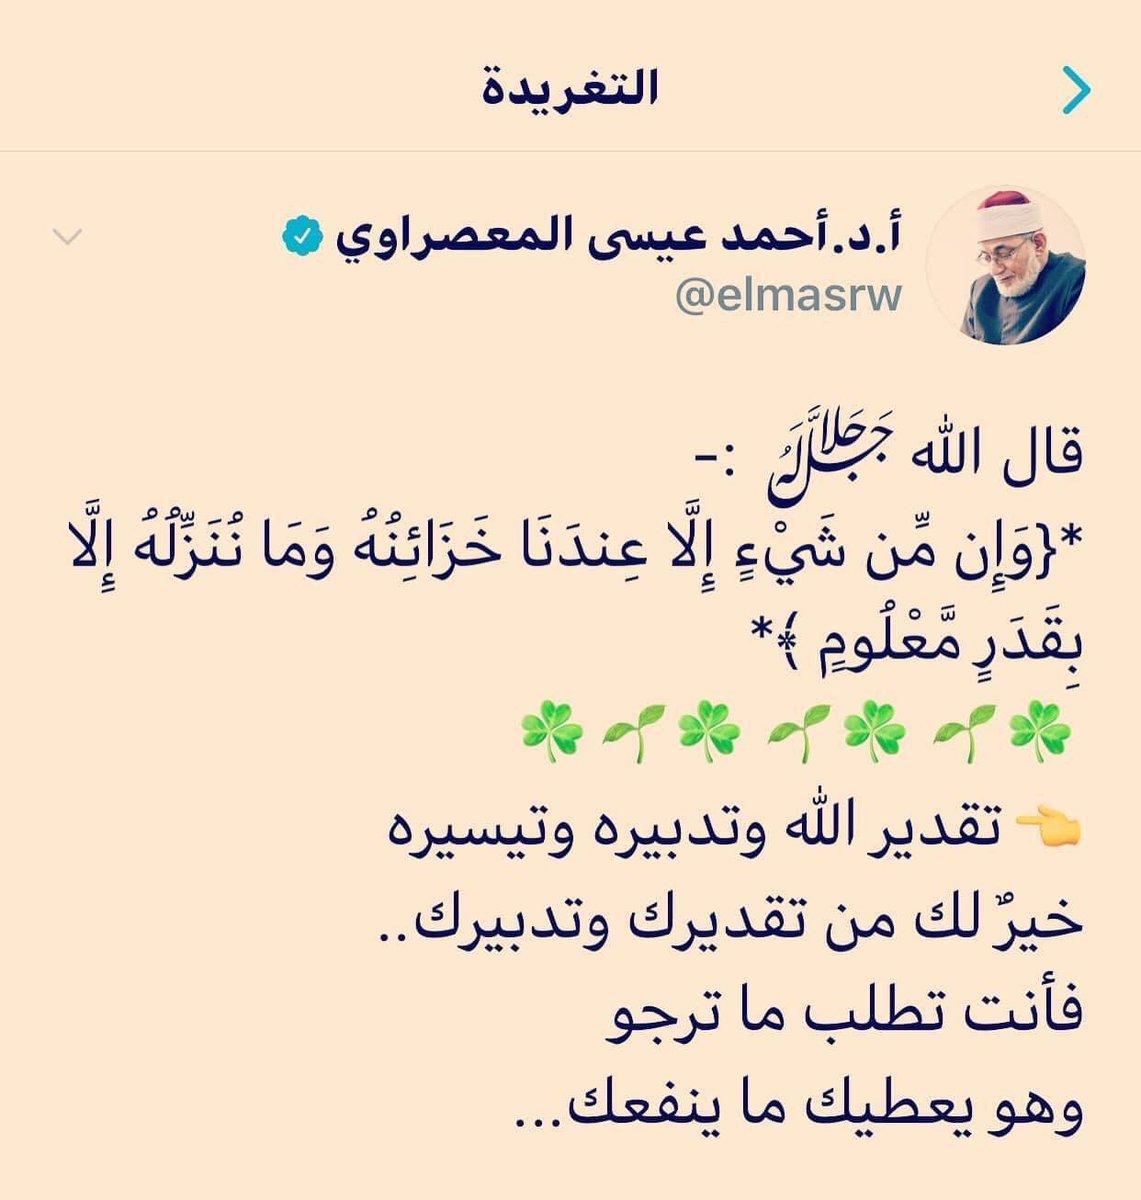 مصطفى رمضان أحمد En Twitter 13